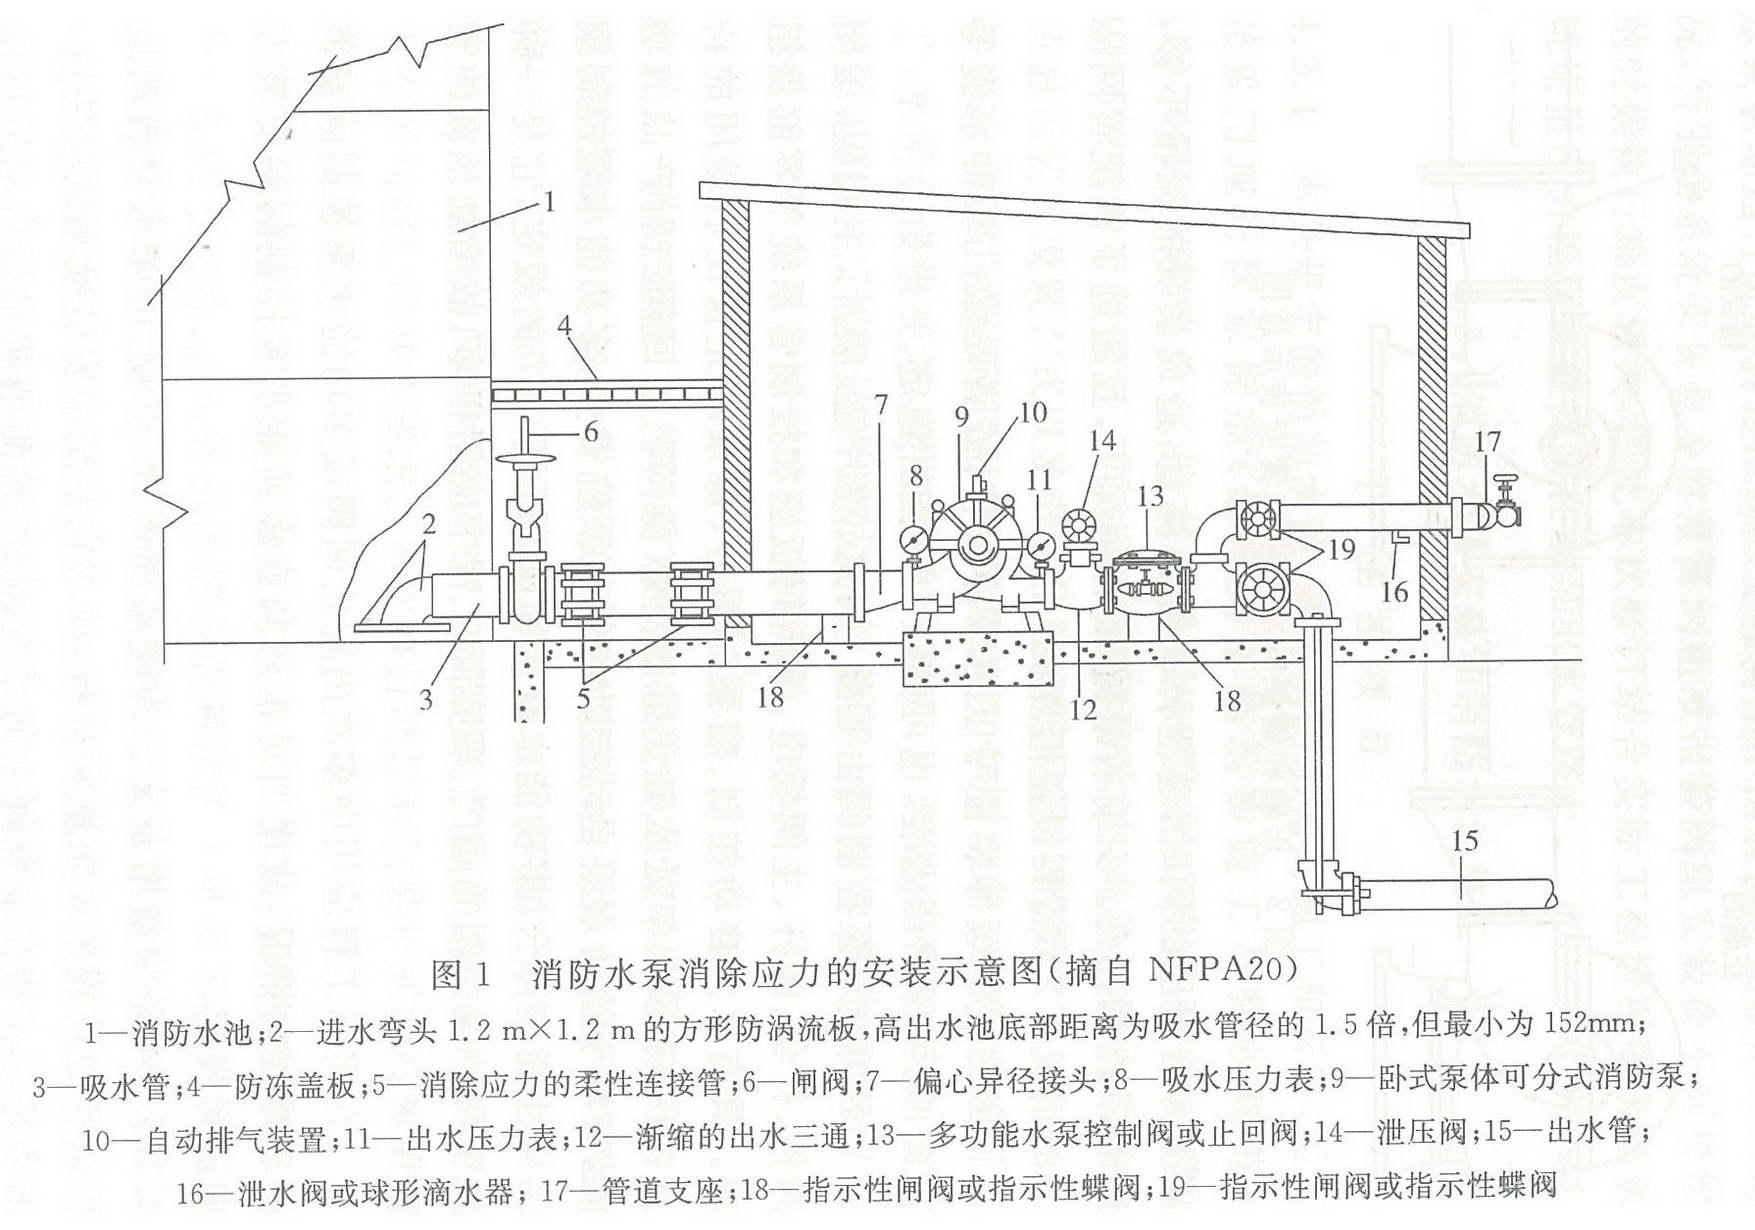 图1 消防水泵消除应力的安装示意图(摘自NFPA20)